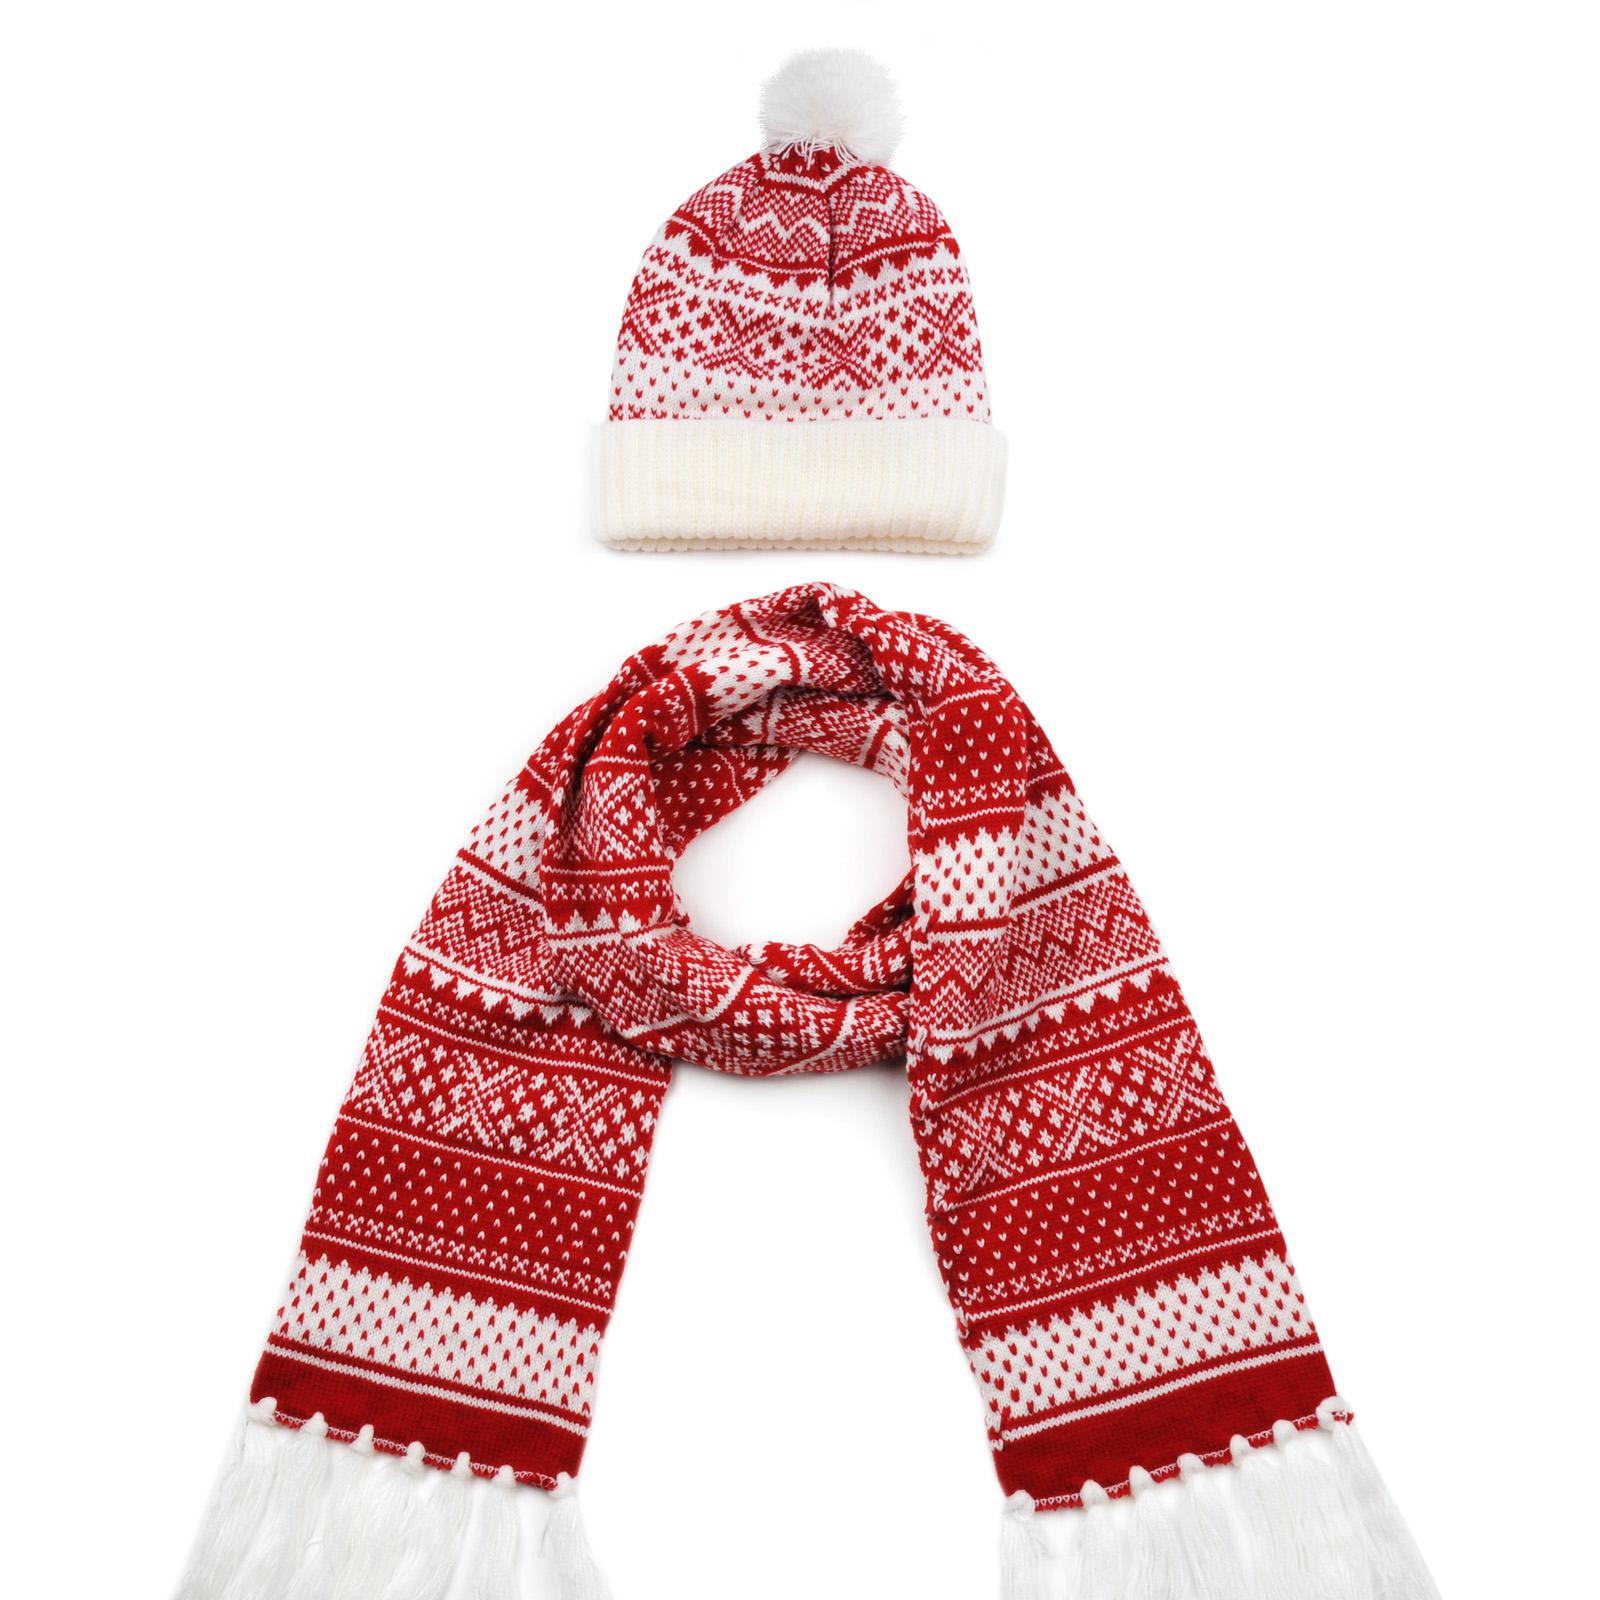 Echarpe et bonnet Jacquard pompon rouge a1b08350d68